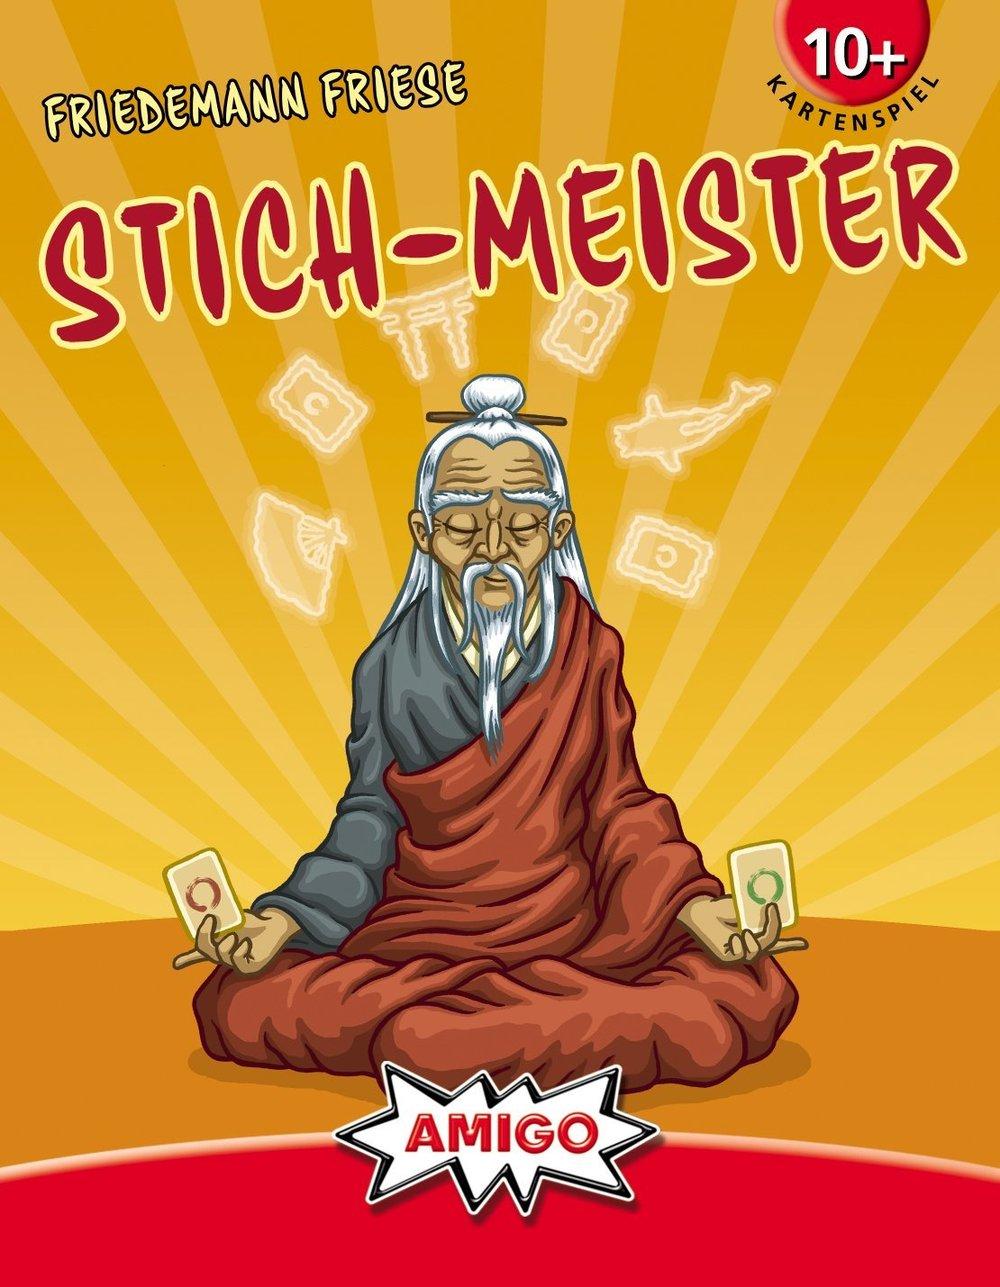 Stich-Meister.jpg